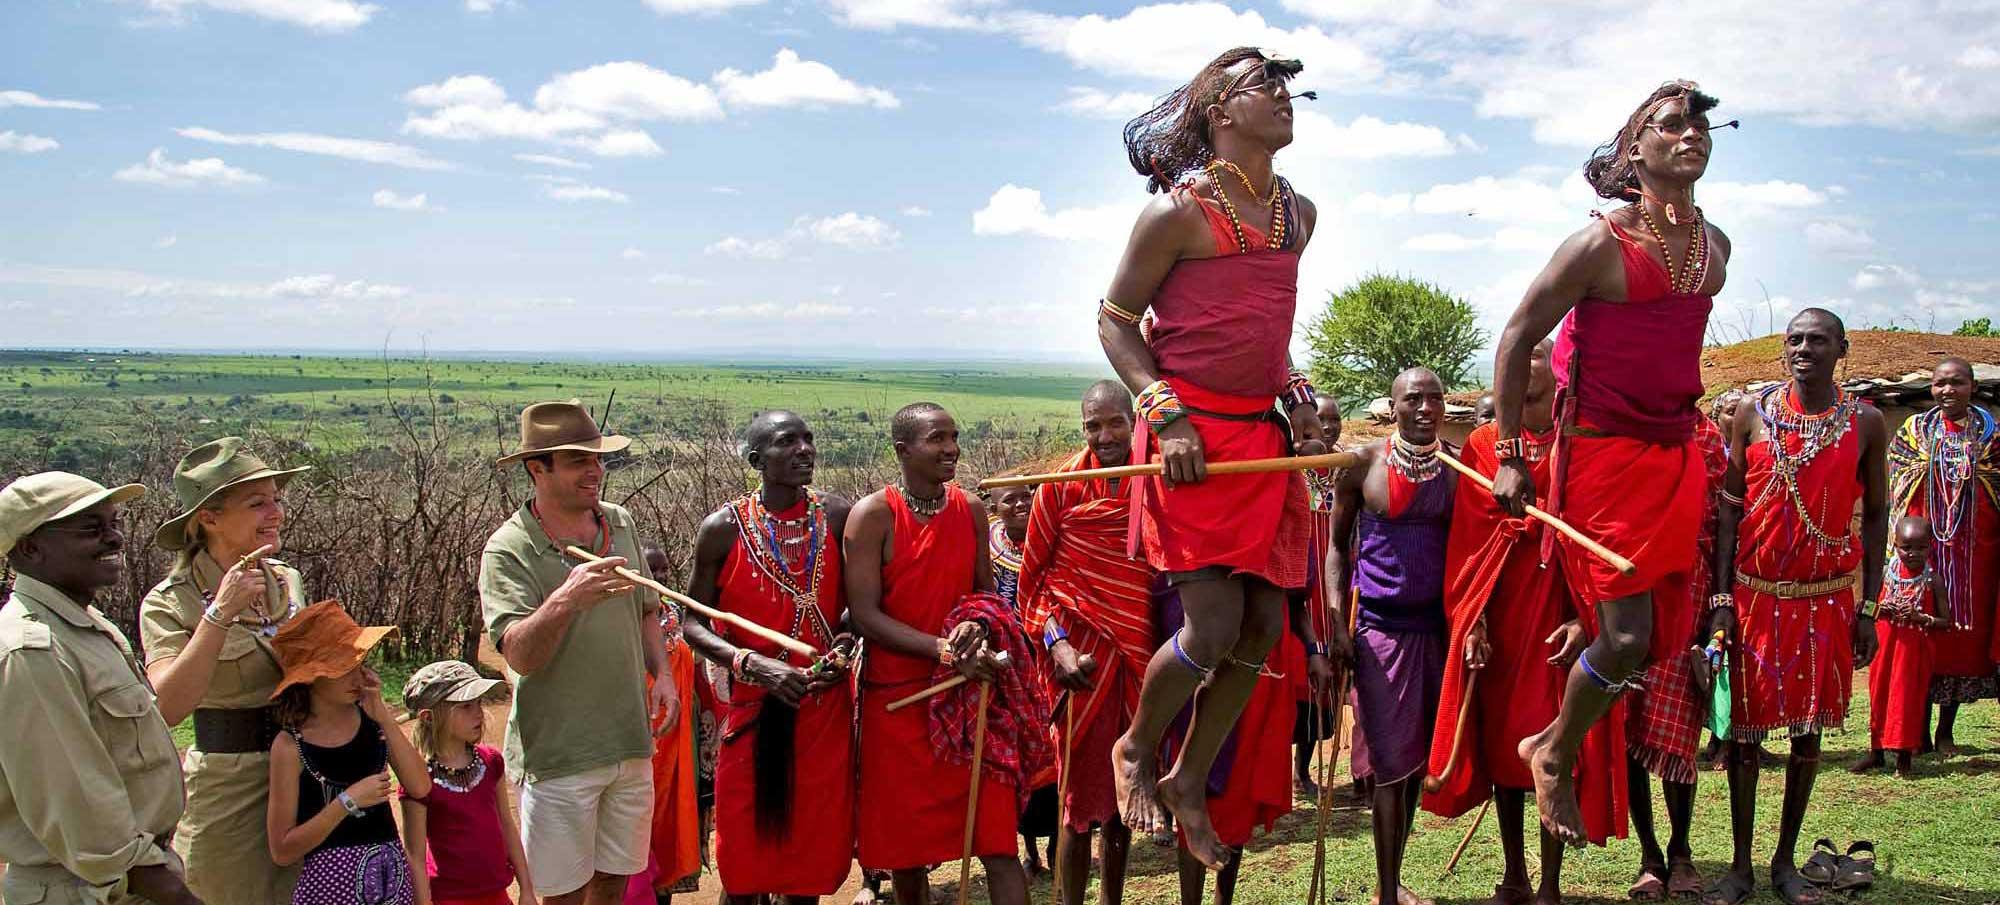 Masai-Tanzanie-Famille-Afrique